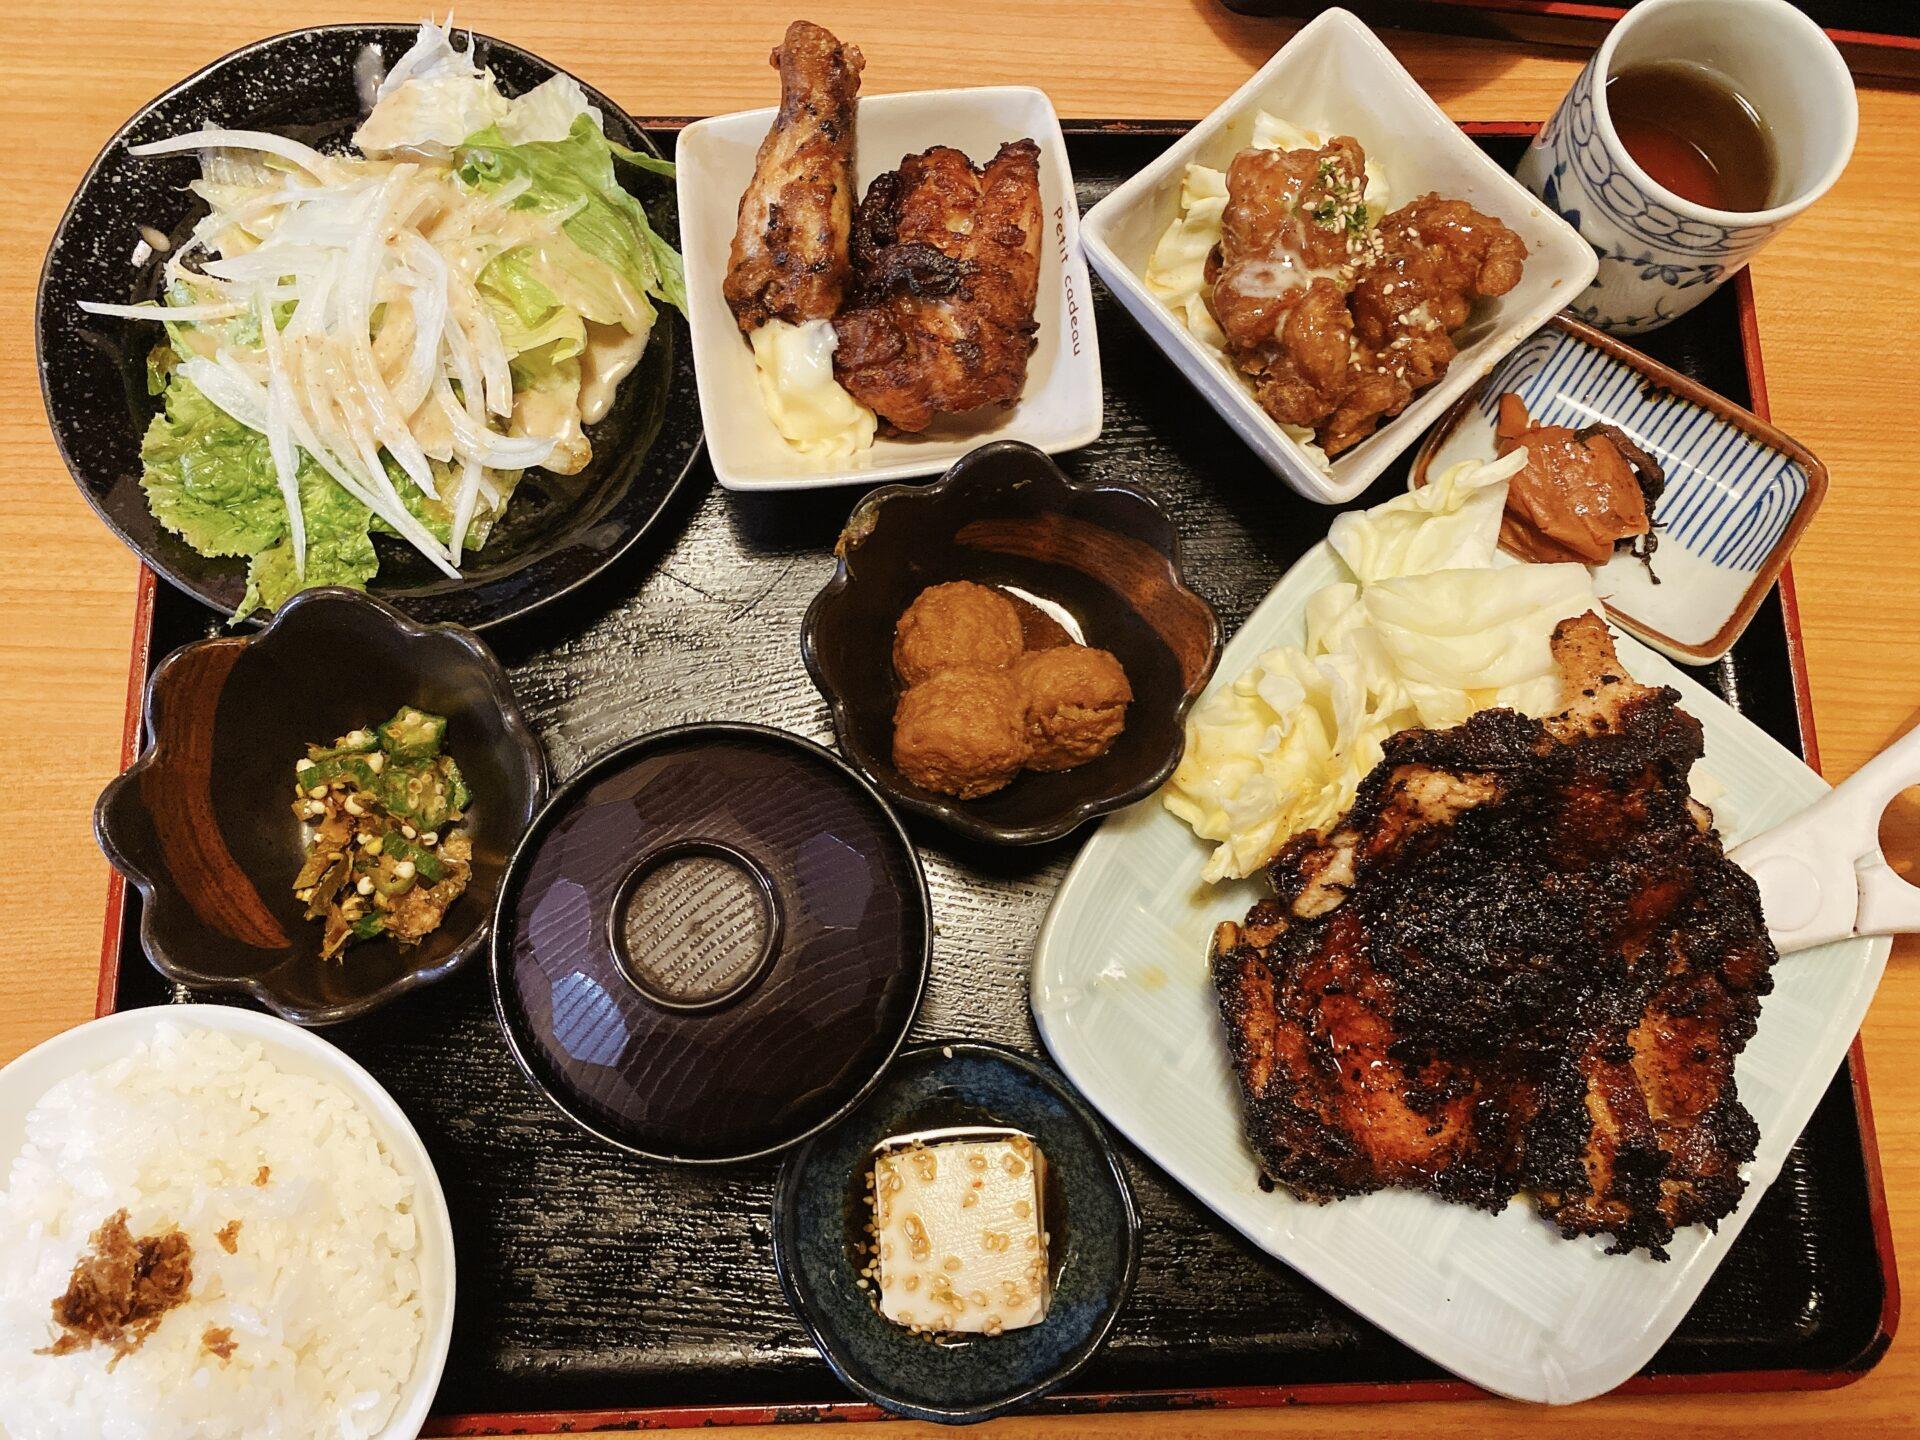 岡山市南区 居酒屋【とり福】デカ盛りの店か!?と驚きを隠せないコスパ最高のランチ!唐揚げや鶏料理がスゴイ事に・・・